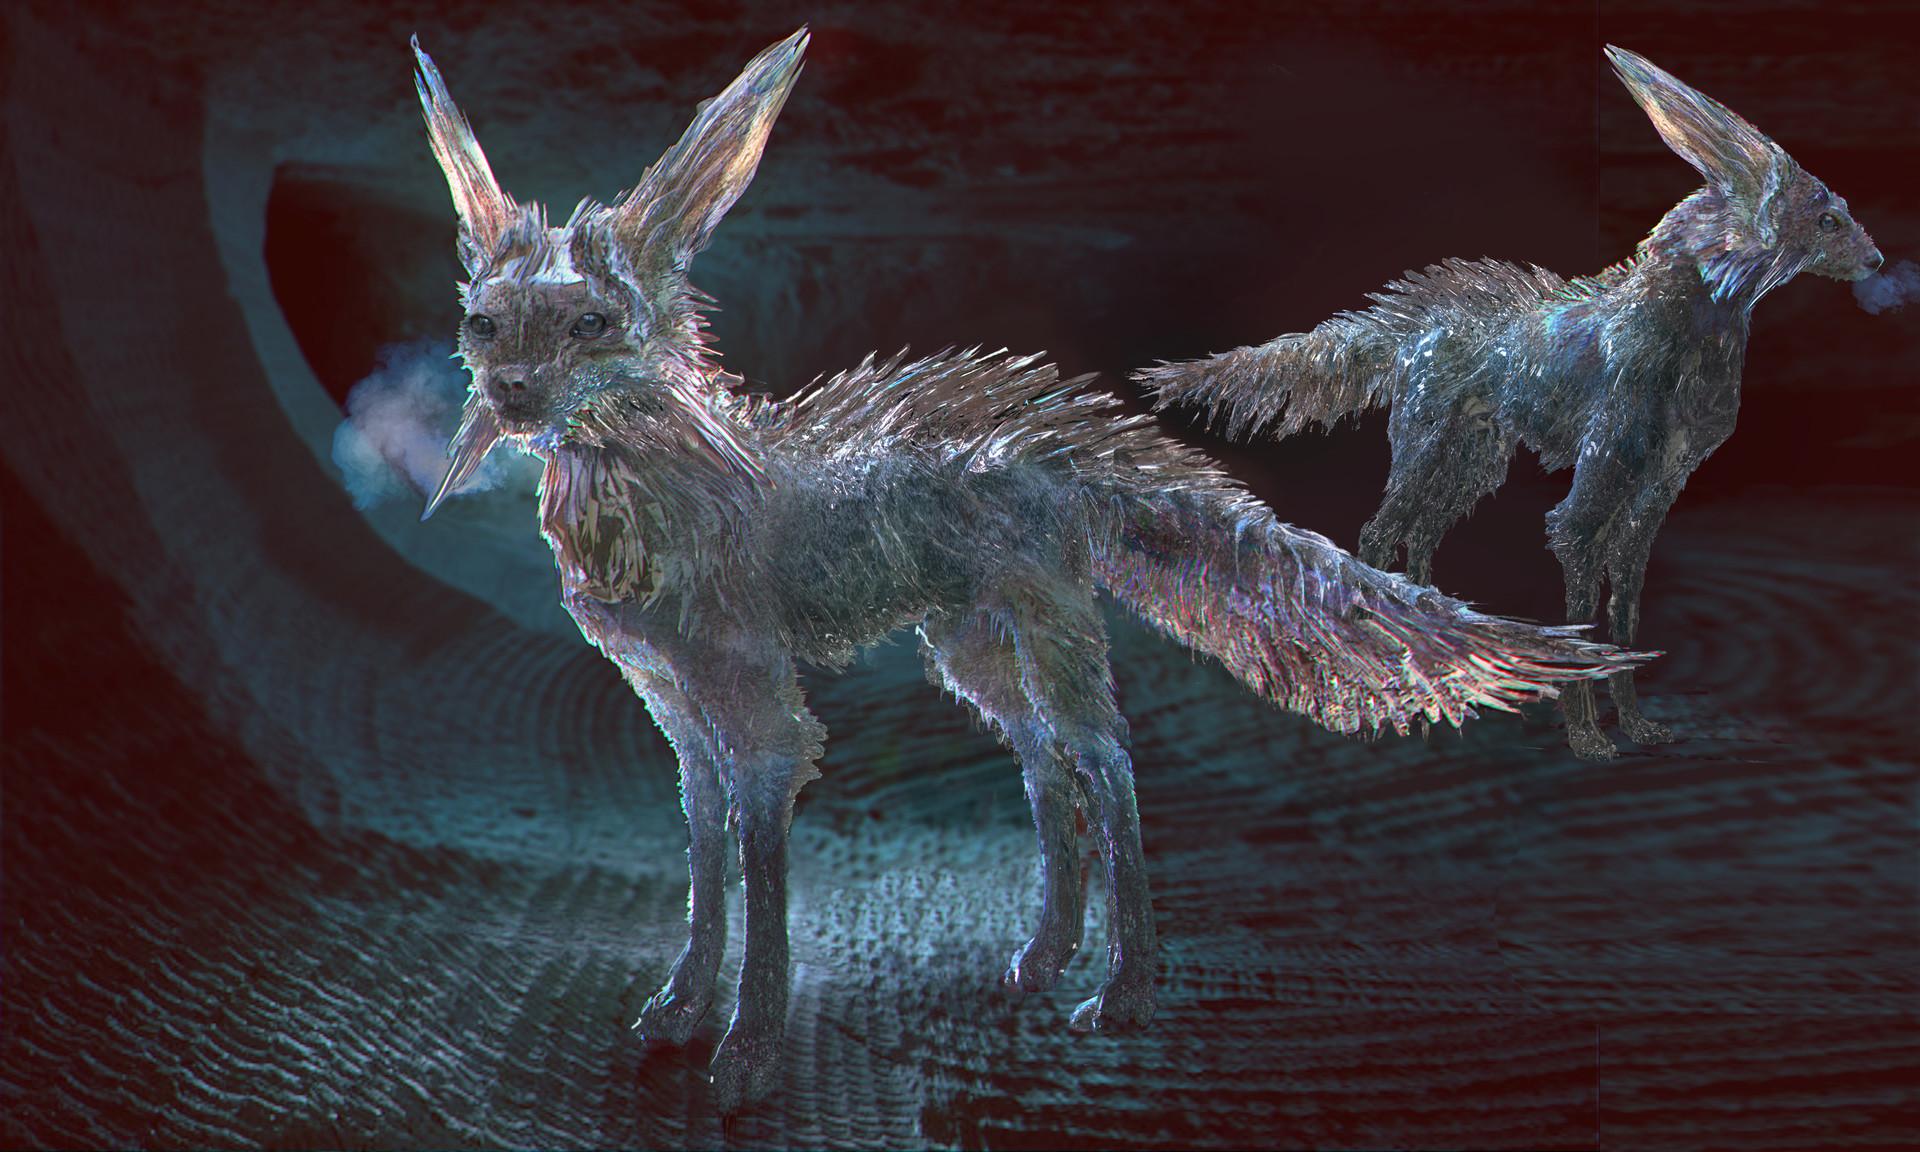 Aaron mcbride shard fox 04 150521 amcb